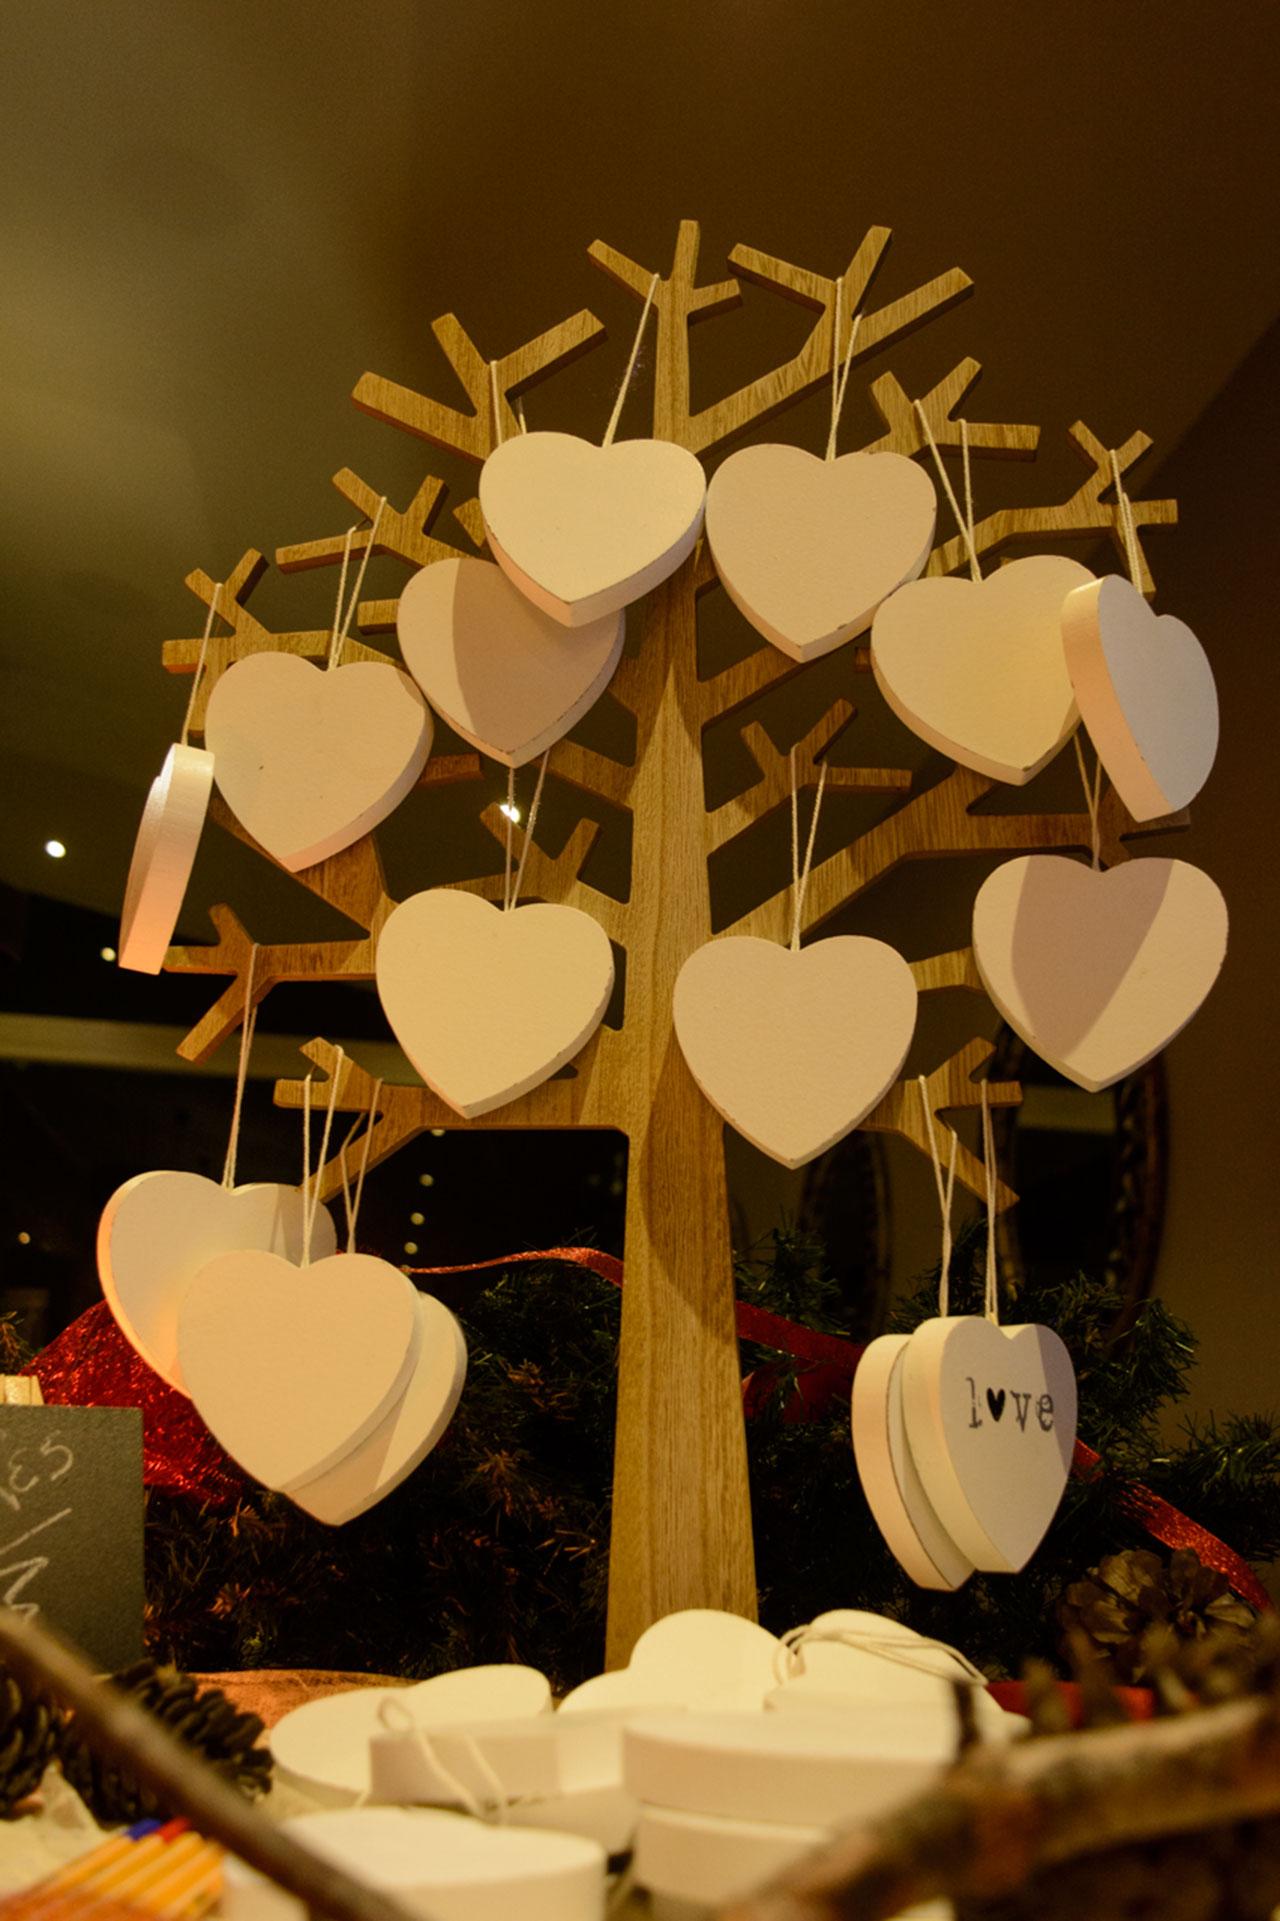 Το δεντράκι των ευχών με τις ξύλινες καρδούλες για να γράψουν οι καλεσμένοι τις ευχές τους